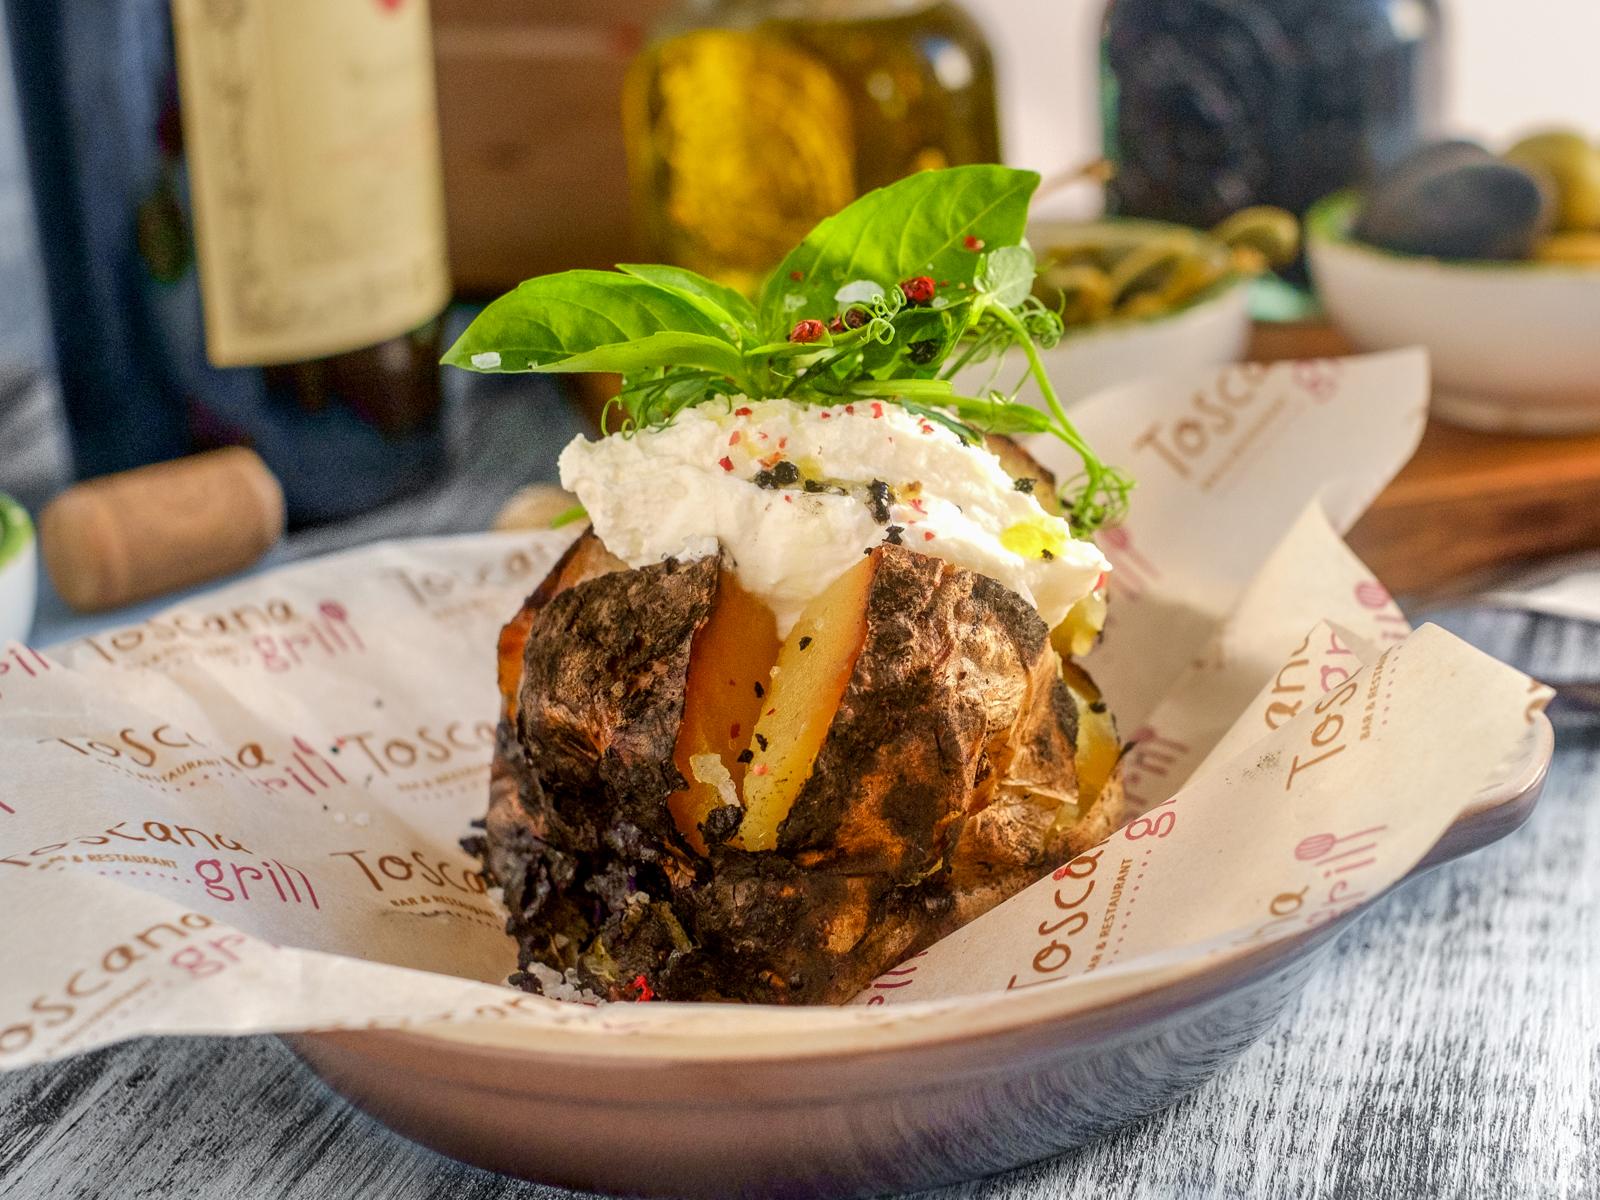 Картофель в углях с творожным сыром